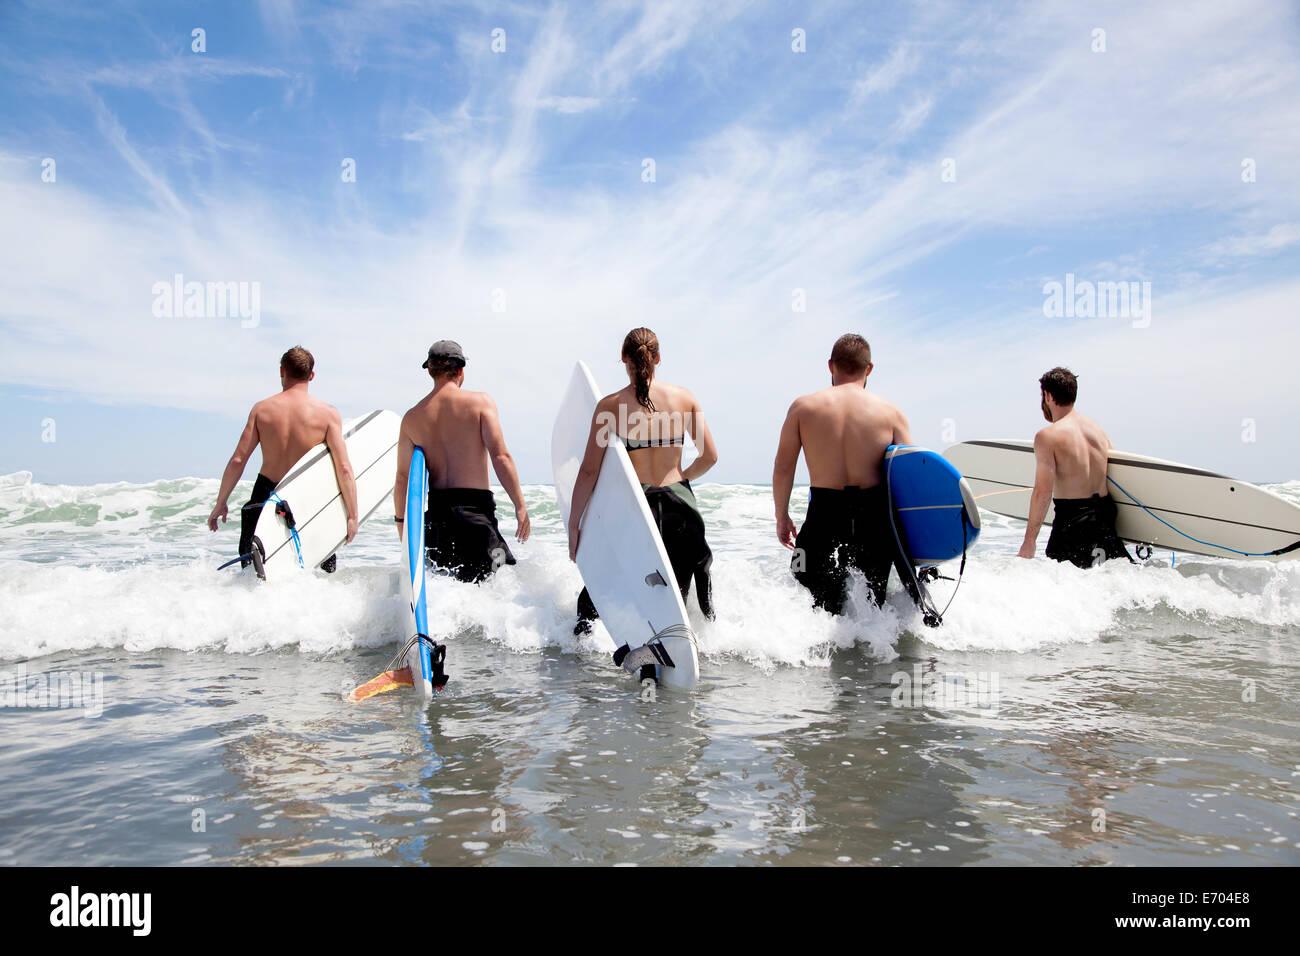 Vista trasera de un grupo de amigos surfistas masculinos y femeninos vadeando en mar con tablas de surf Imagen De Stock